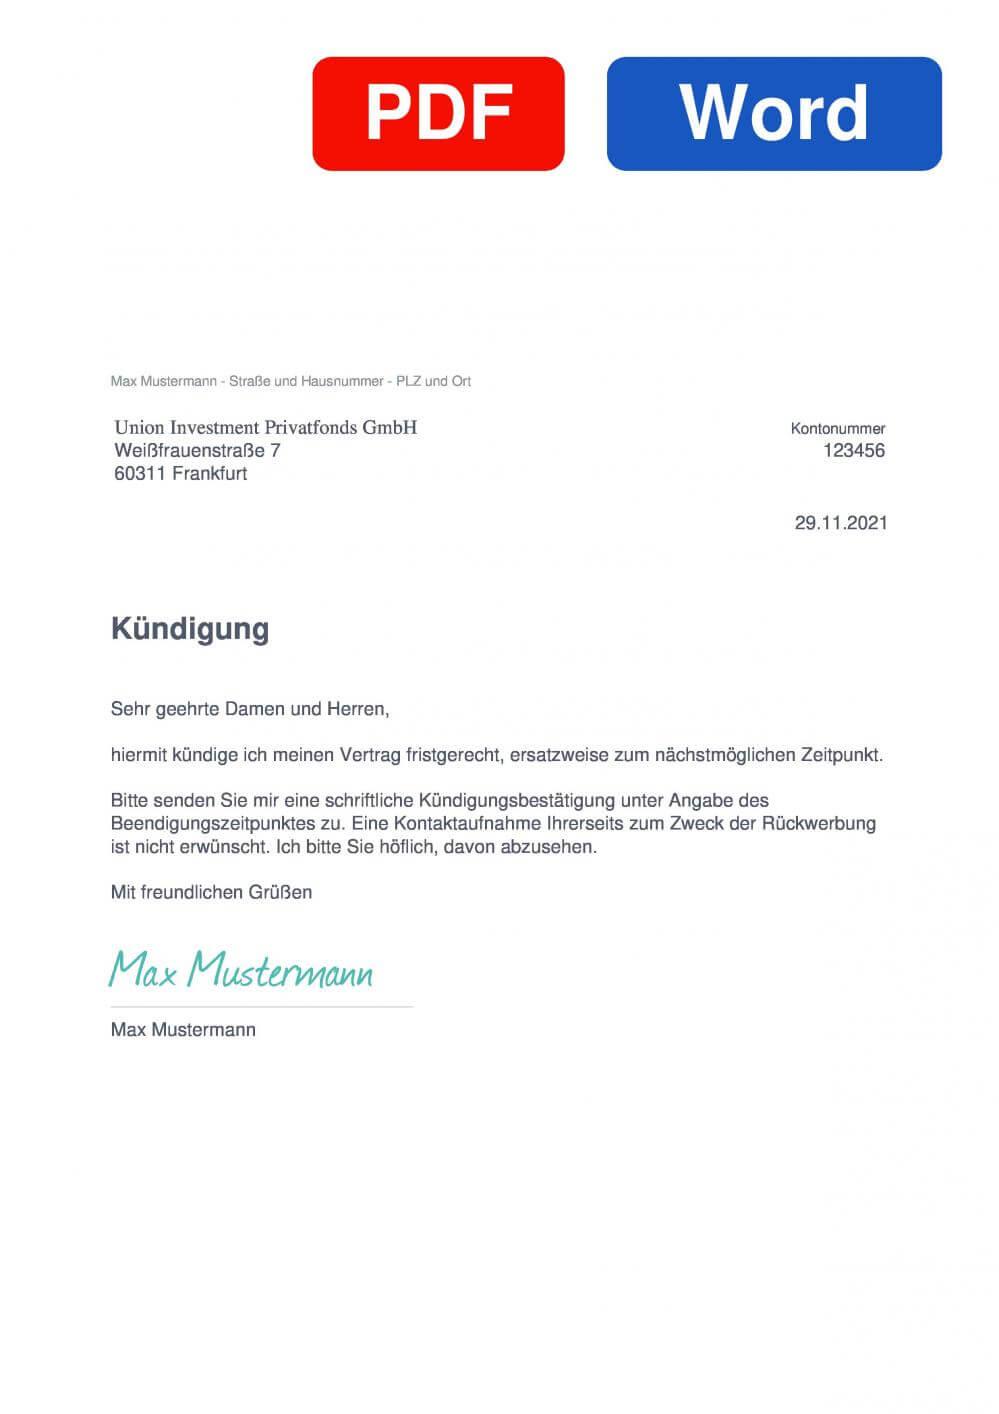 Union Investment Muster Vorlage für Kündigungsschreiben